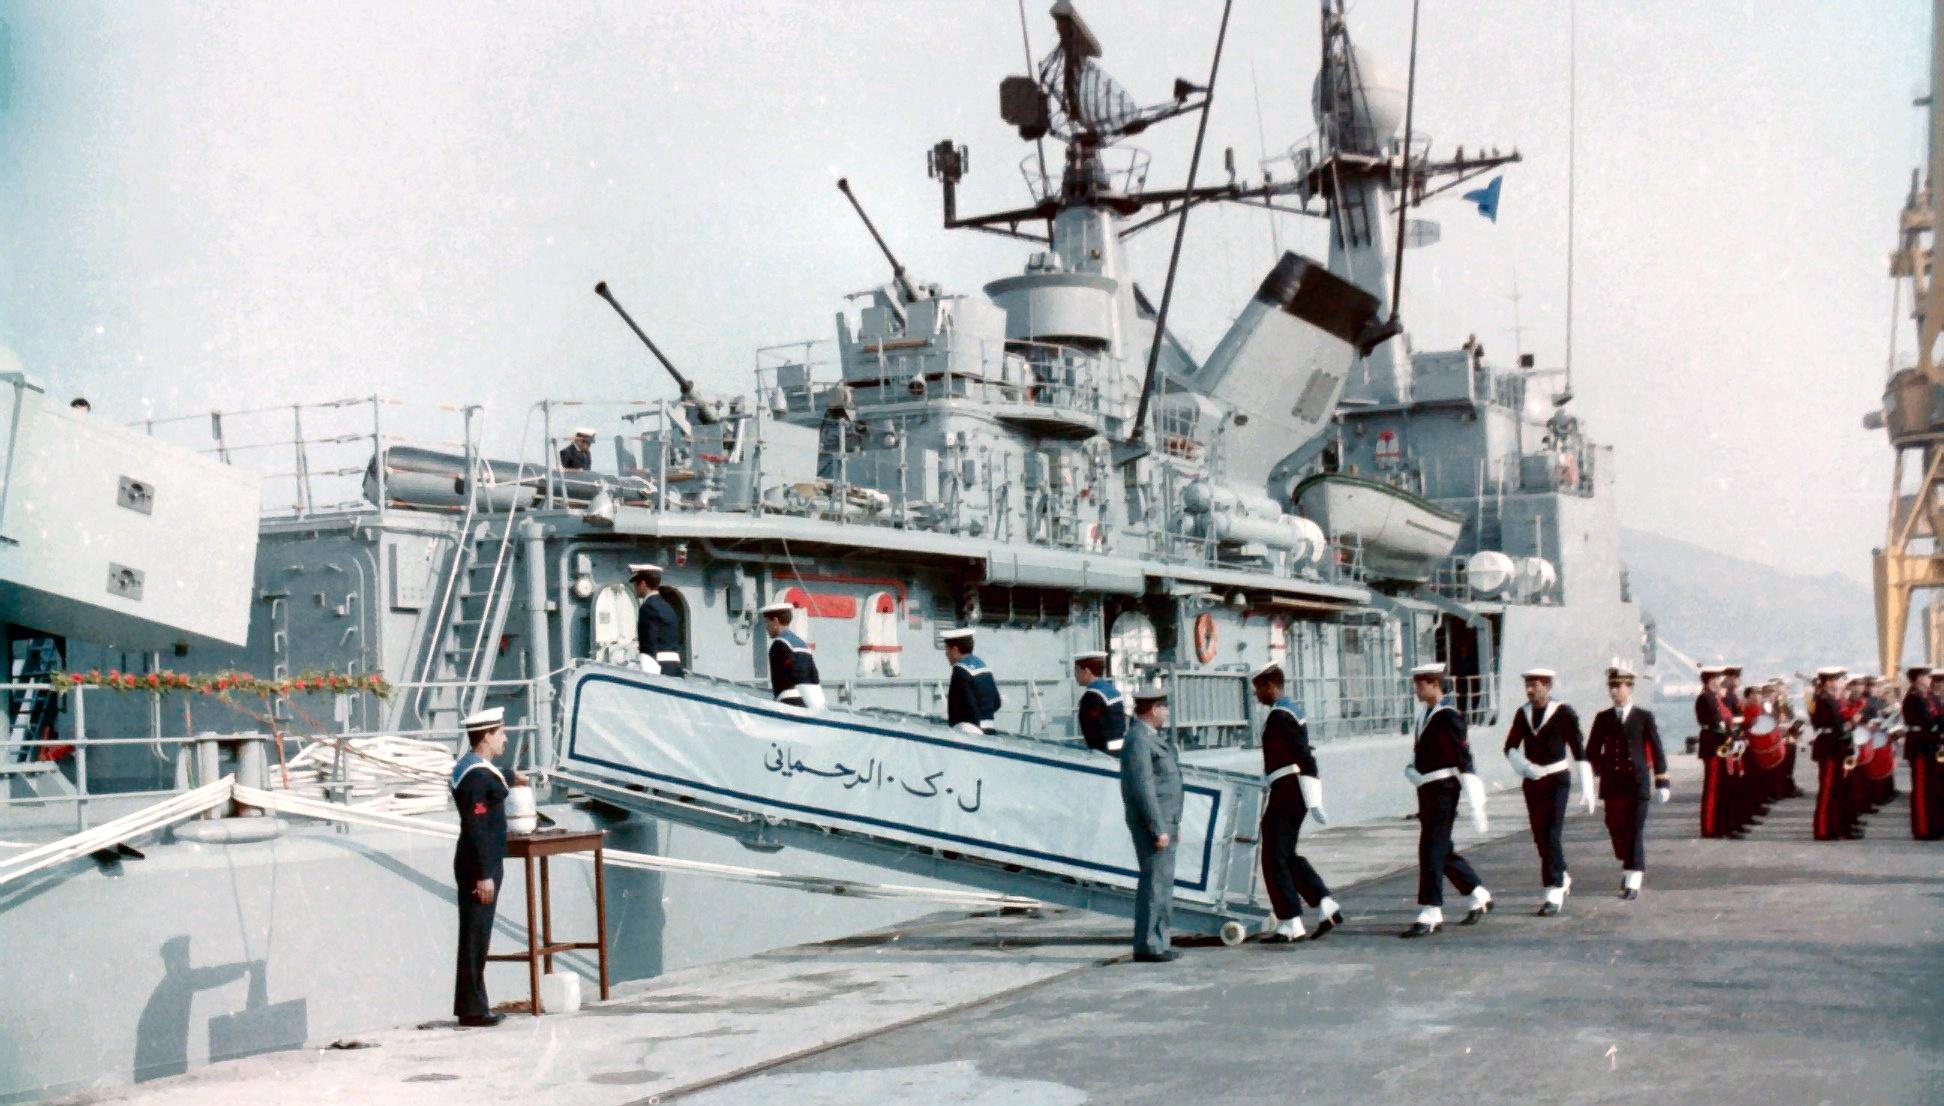 Royal Moroccan Navy Descubierta Frigate / Corvette Lt Cl Errahmani - Bâtiment École - Page 4 Clipb525